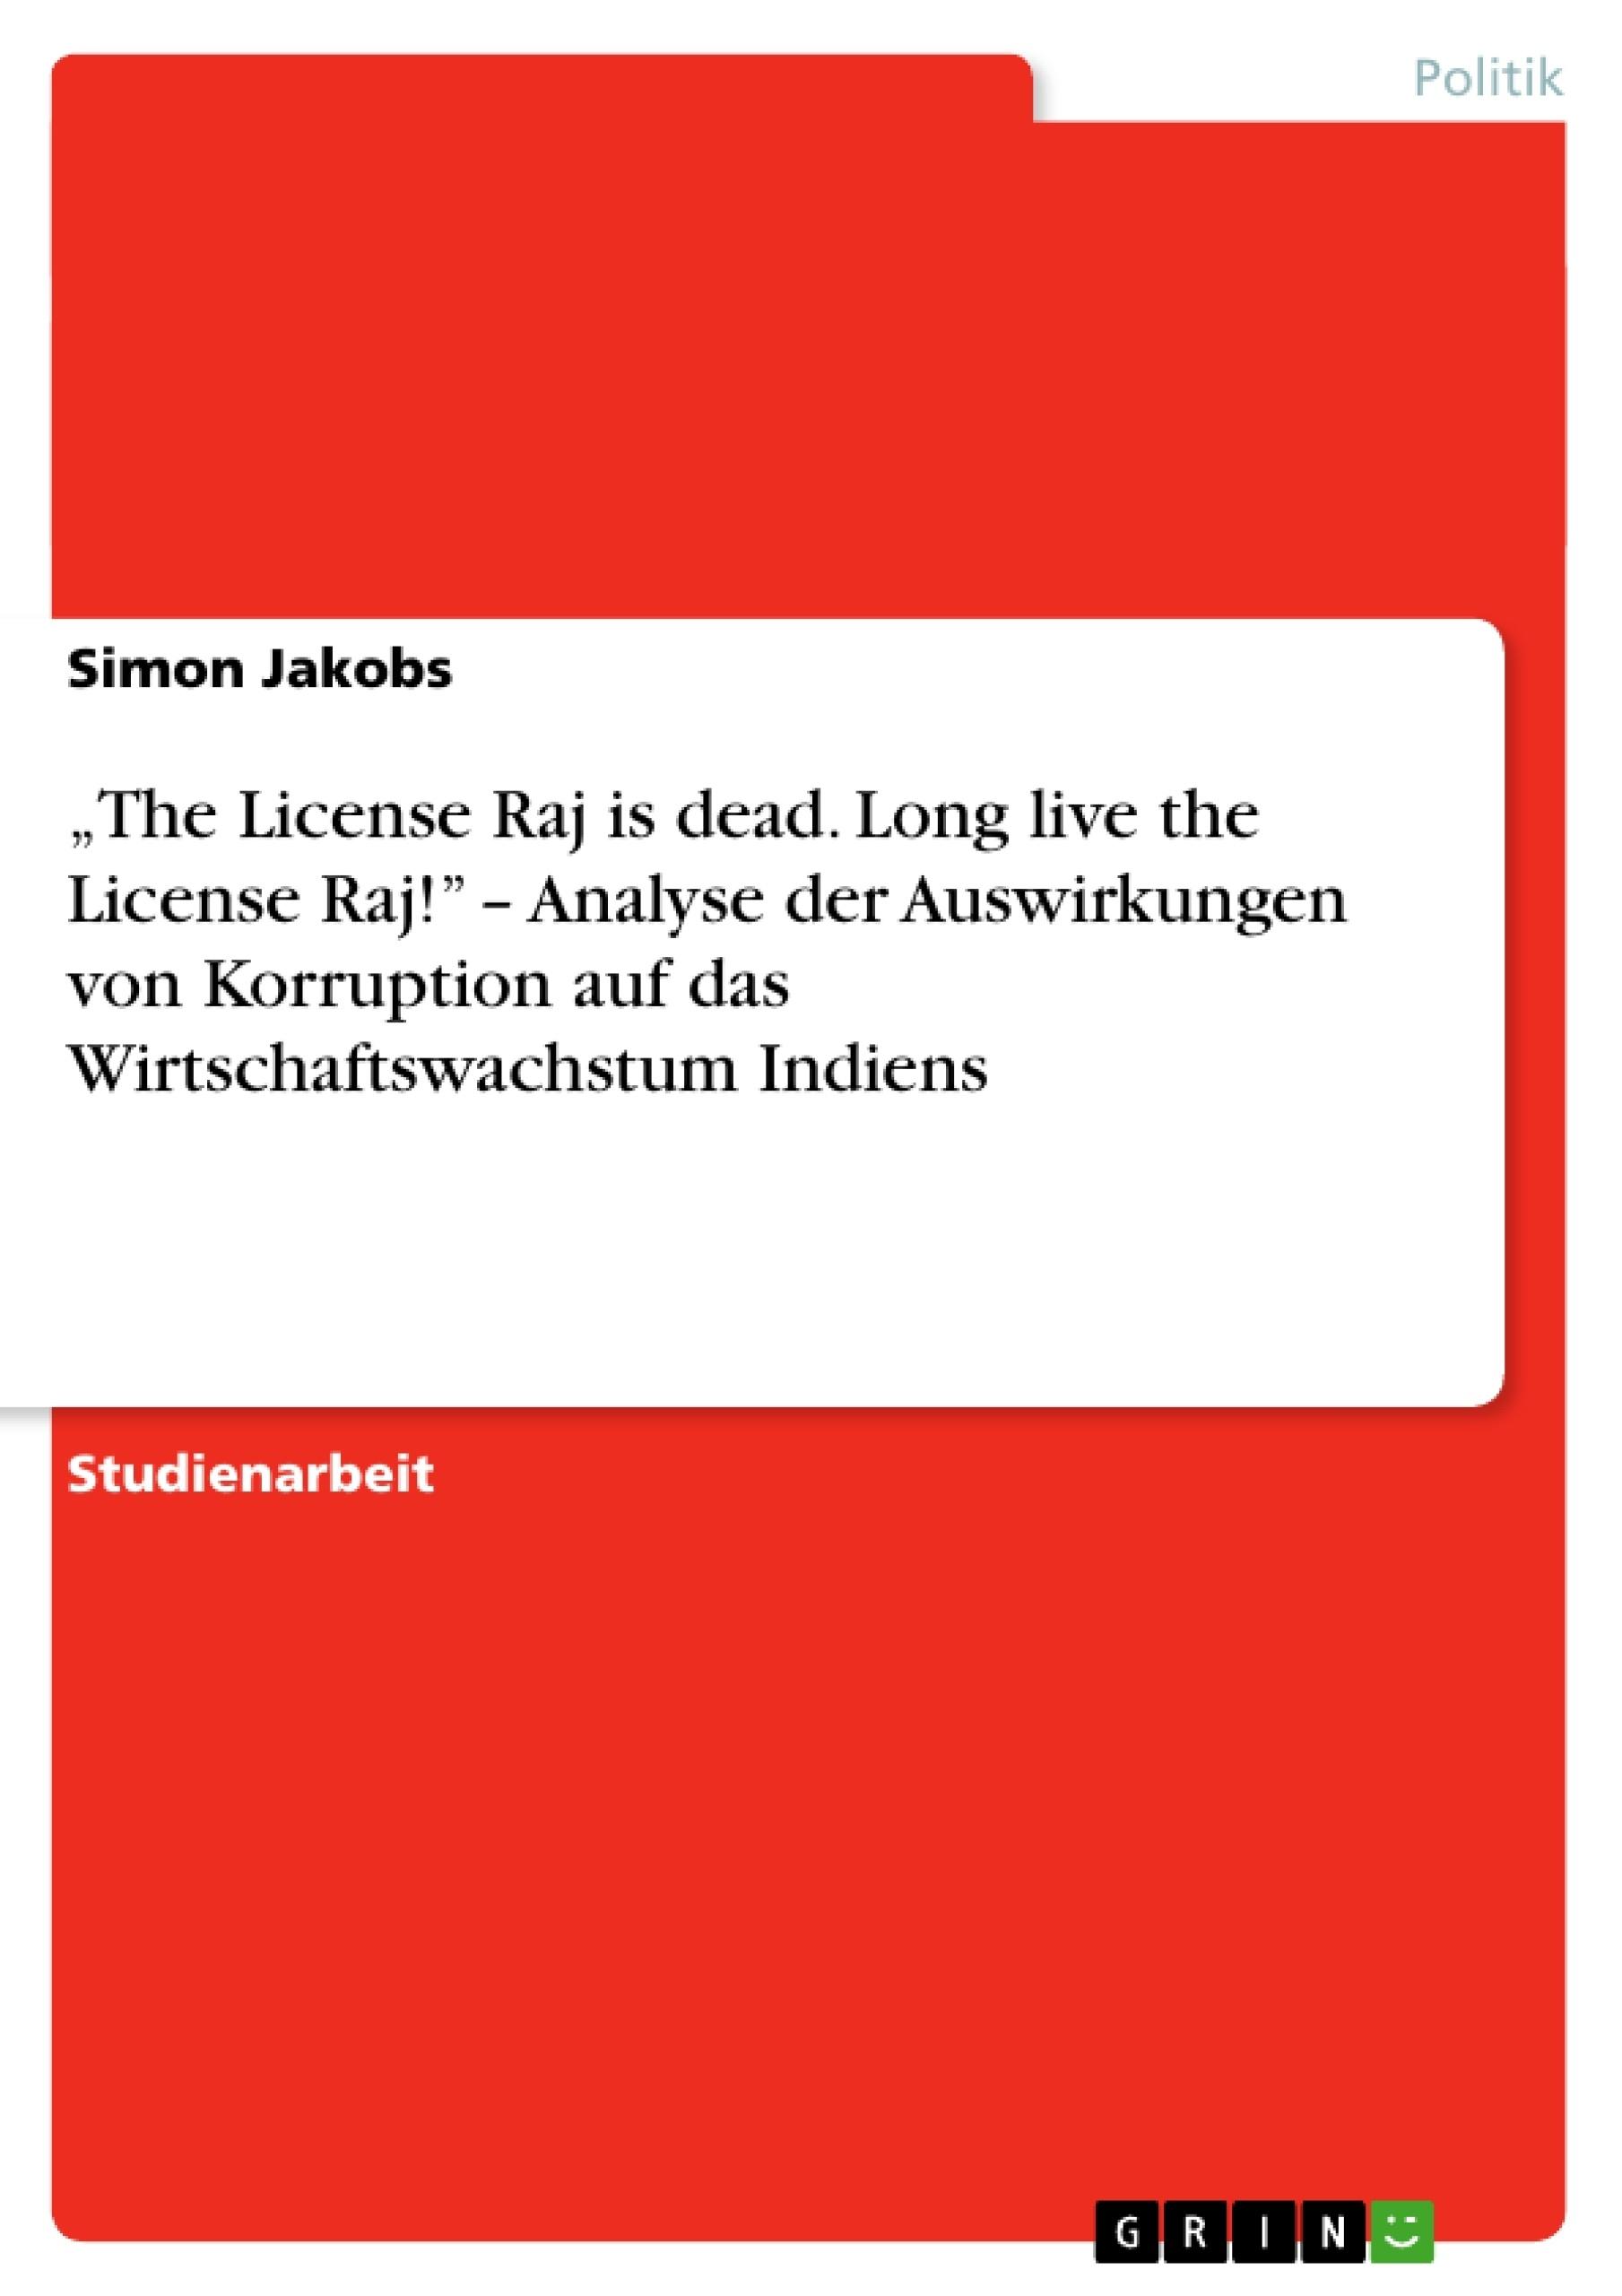 """Titel: """"The License Raj is dead. Long live the License Raj!"""" – Analyse der Auswirkungen von Korruption auf das Wirtschaftswachstum Indiens"""